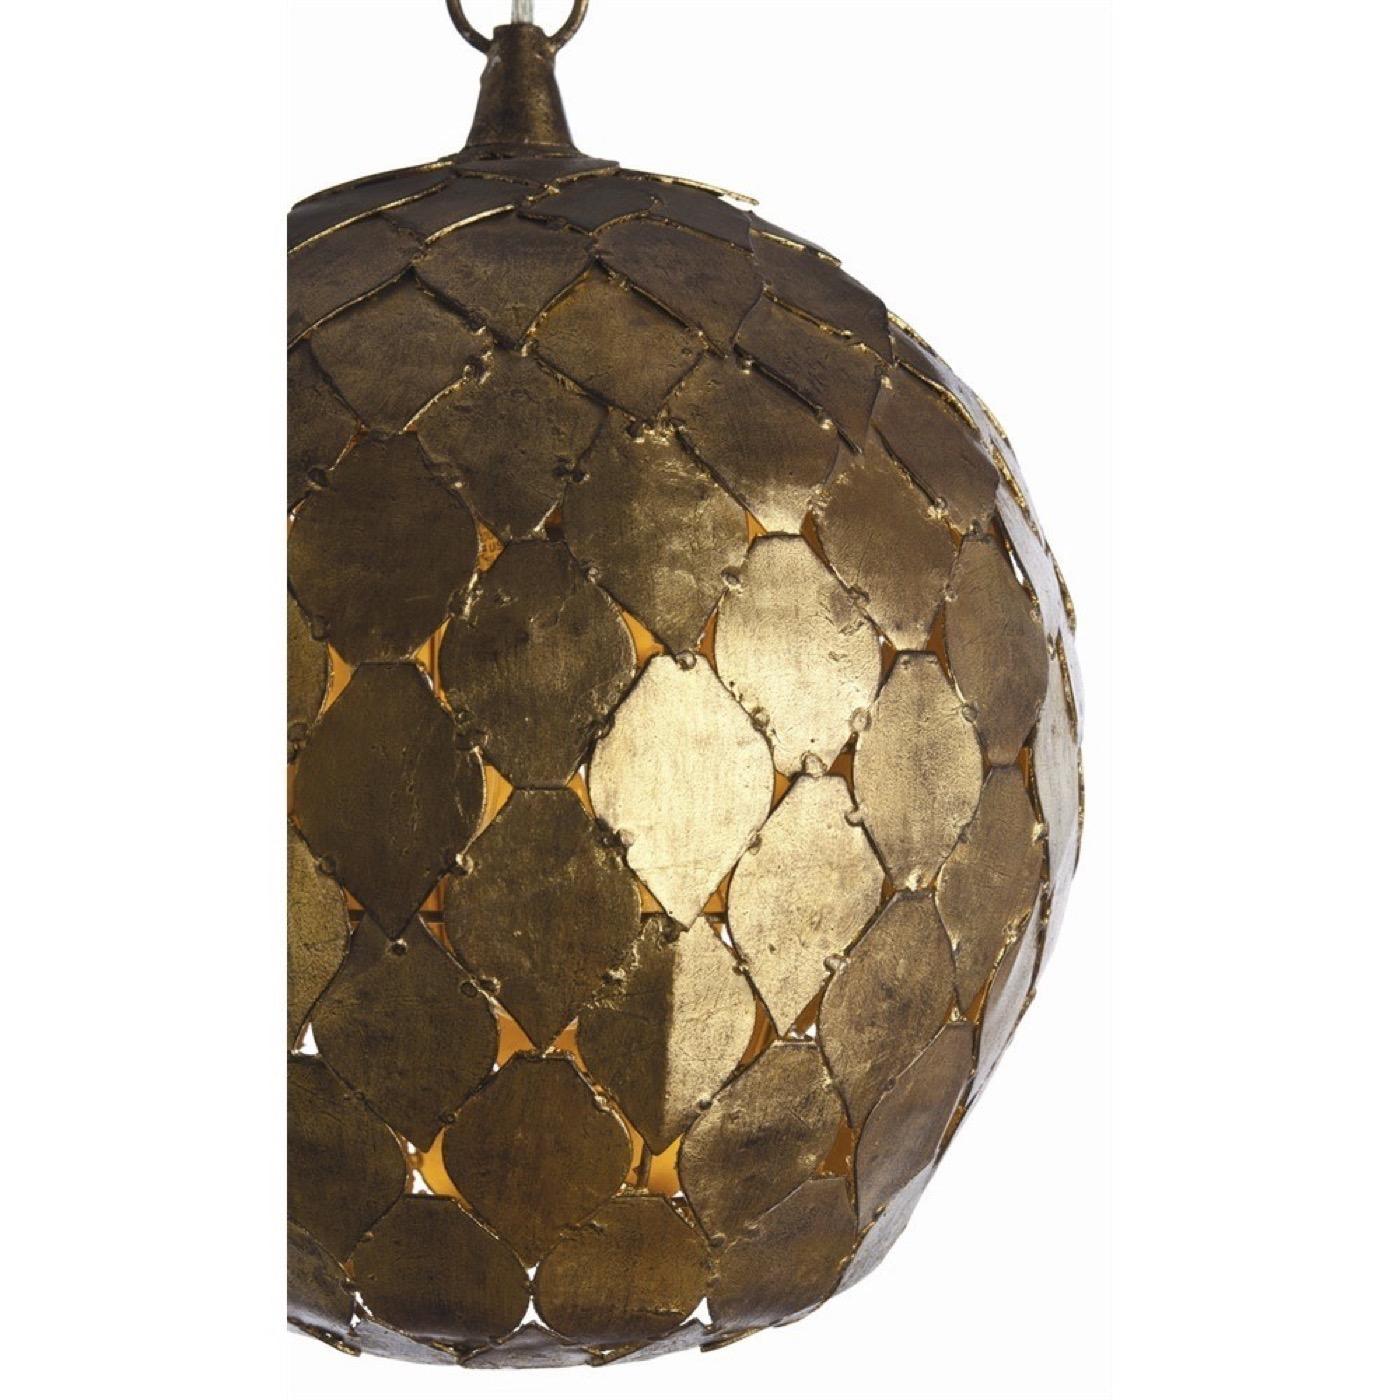 Shai Gold Leaf Pendant